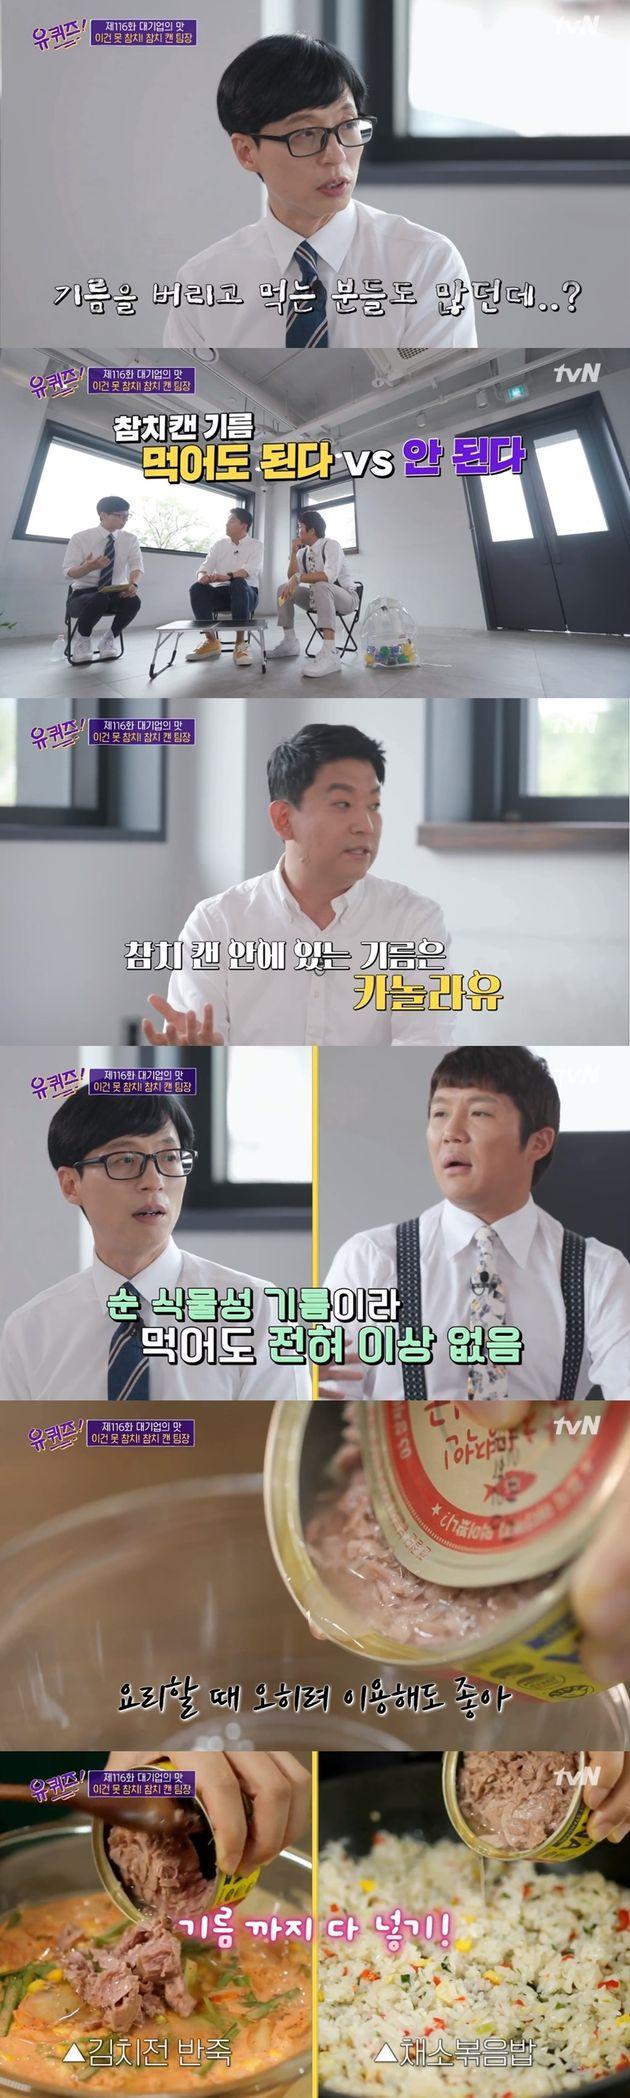 '대기업의 맛' 특집에 출연한 박세영